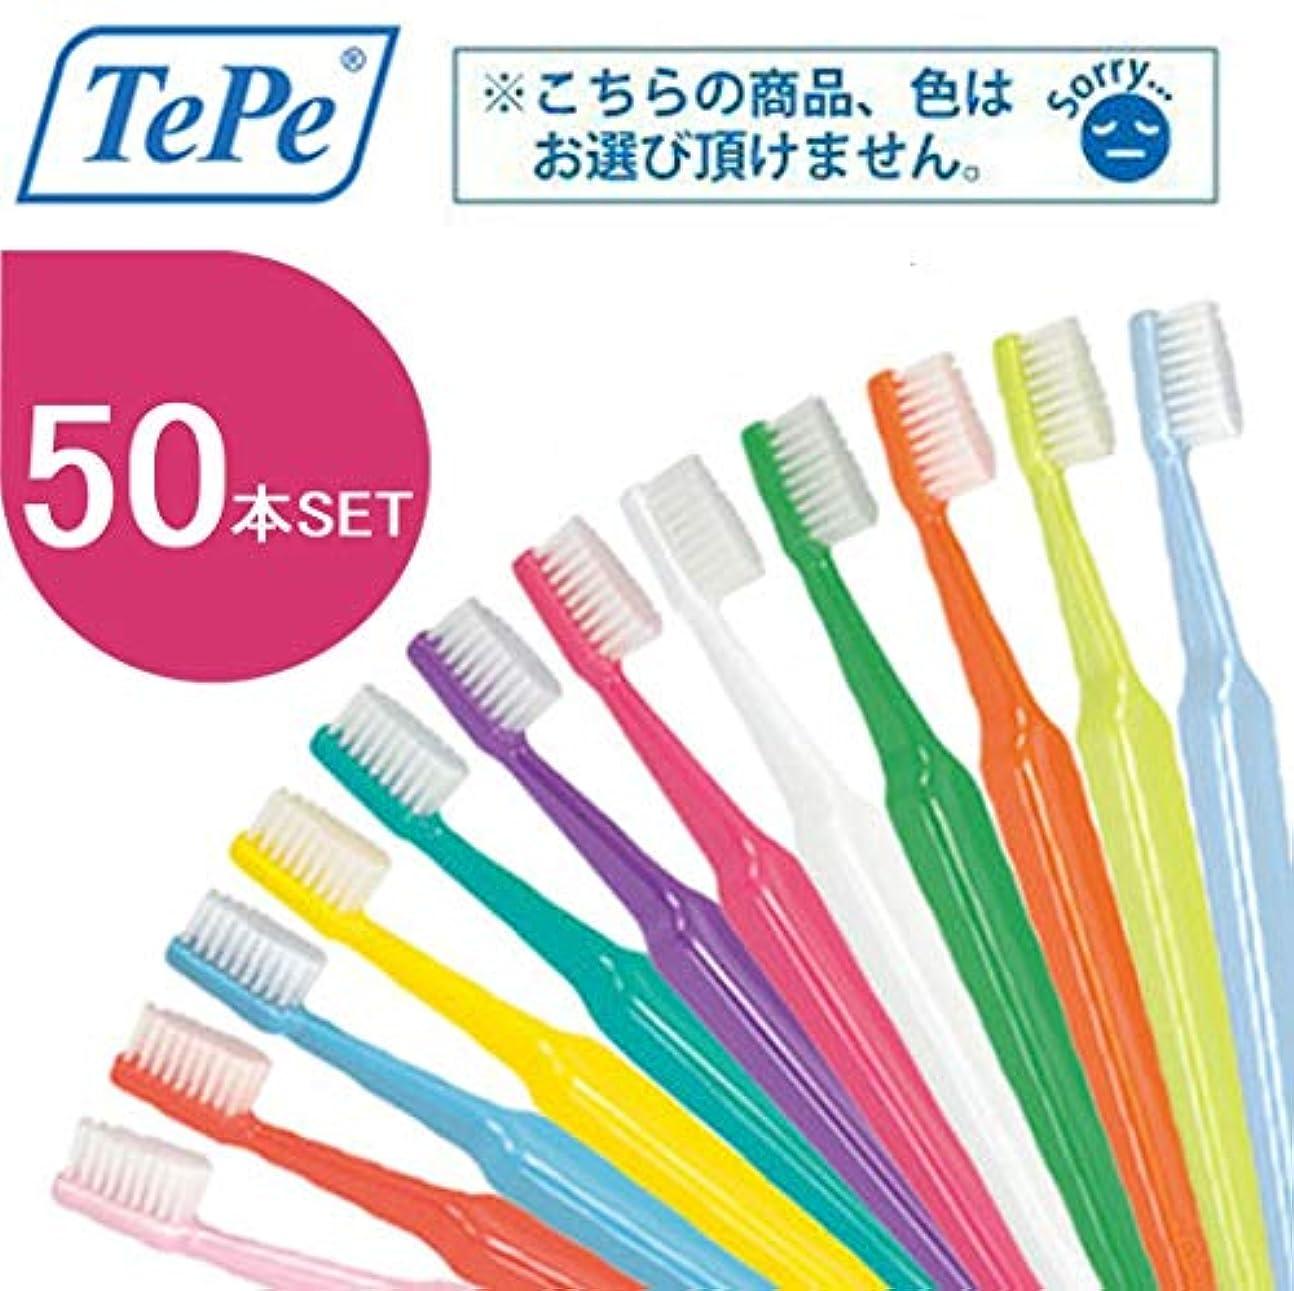 約束する揃えるドルクロスフィールド TePe テペ セレクト 歯ブラシ 50本 (ソフト)